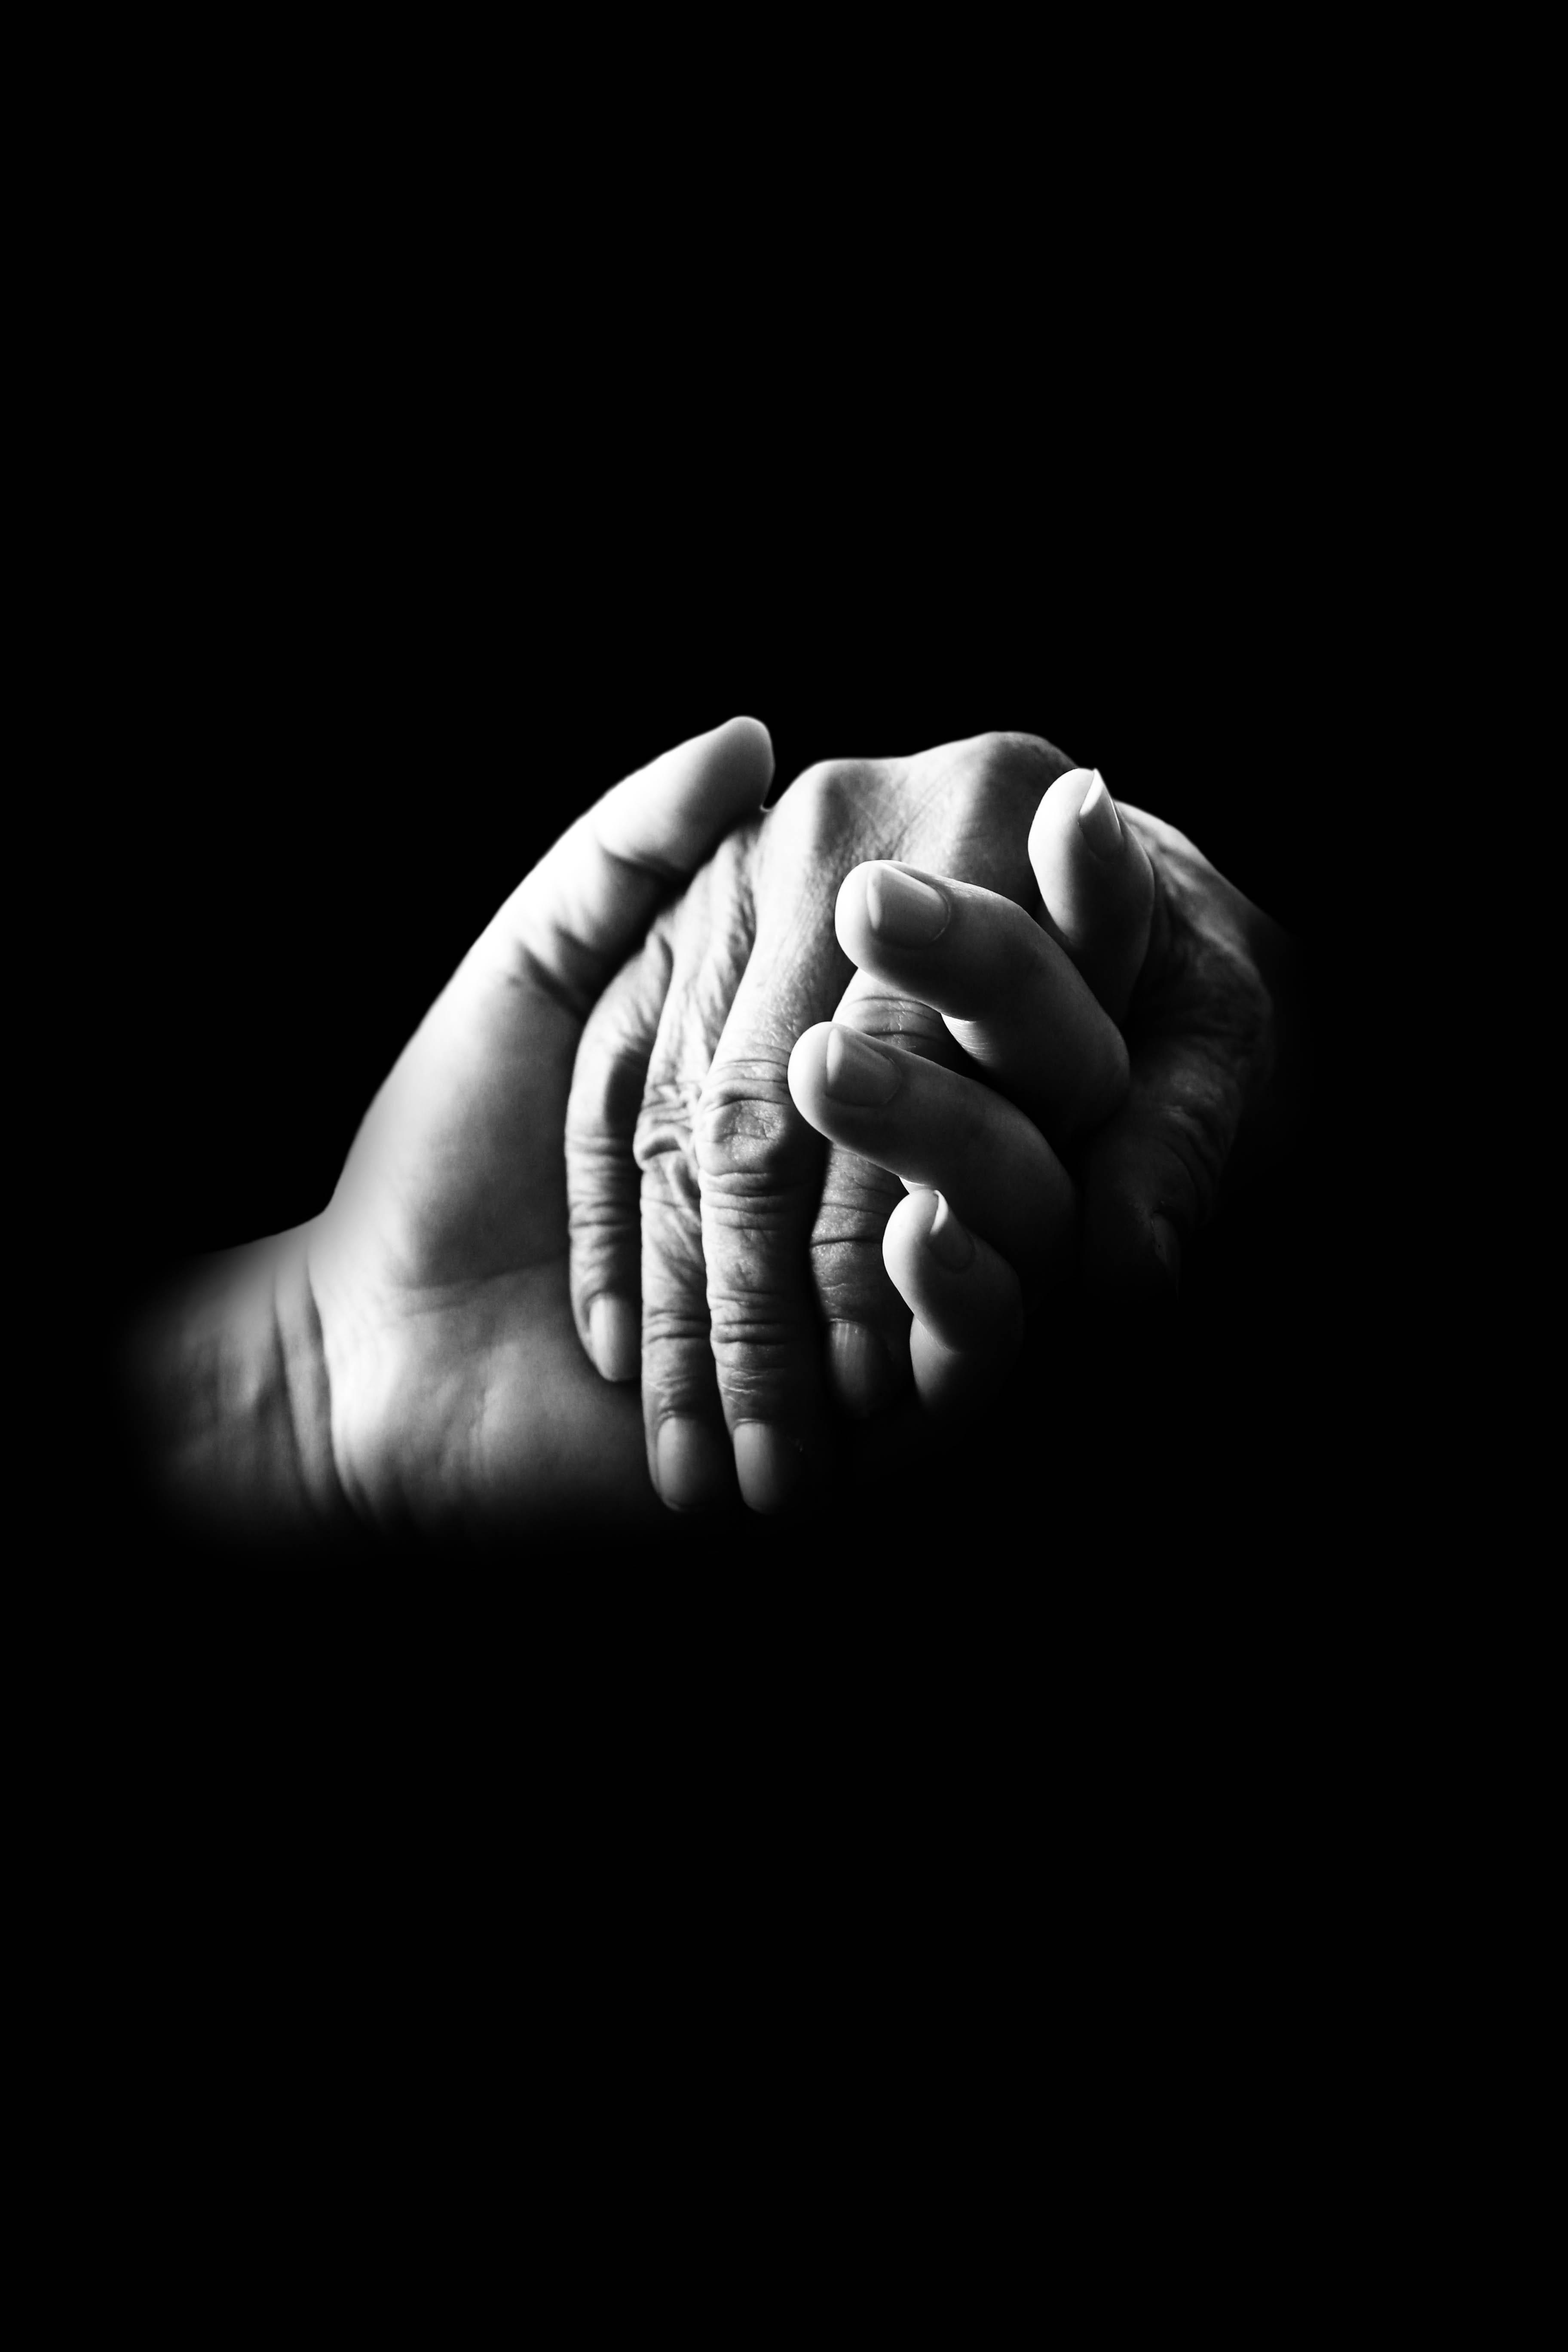 04-Hands.jpg